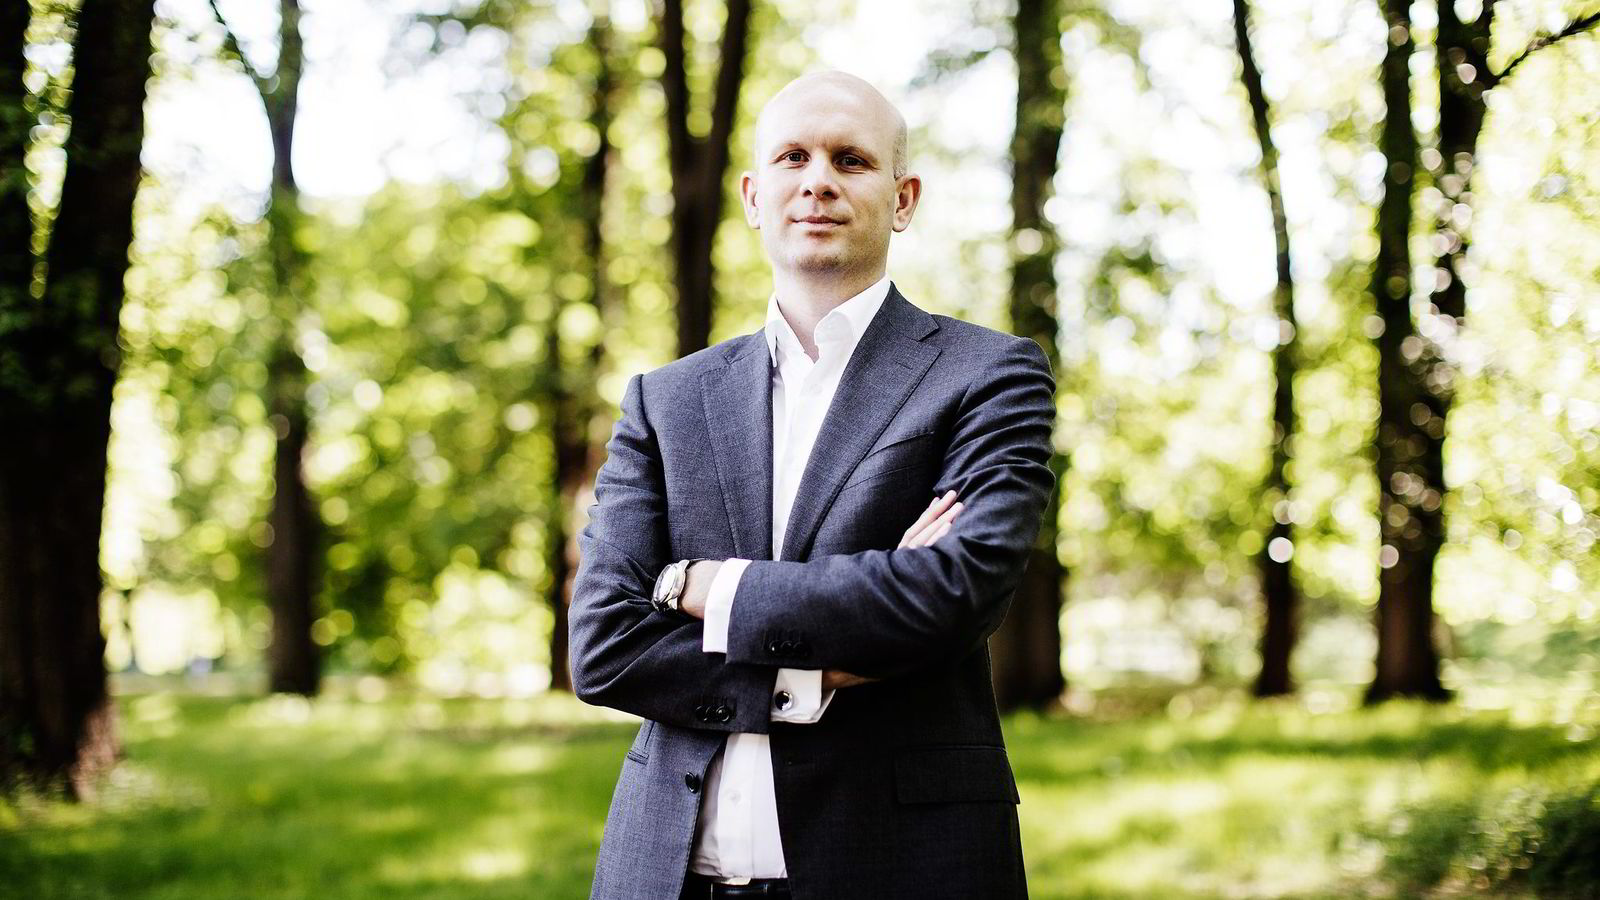 Øyvind Torpp er leder for Boston Consulting Group i Norge, og kommer med en rapport som viser store forskjeller mellom nordiske land.